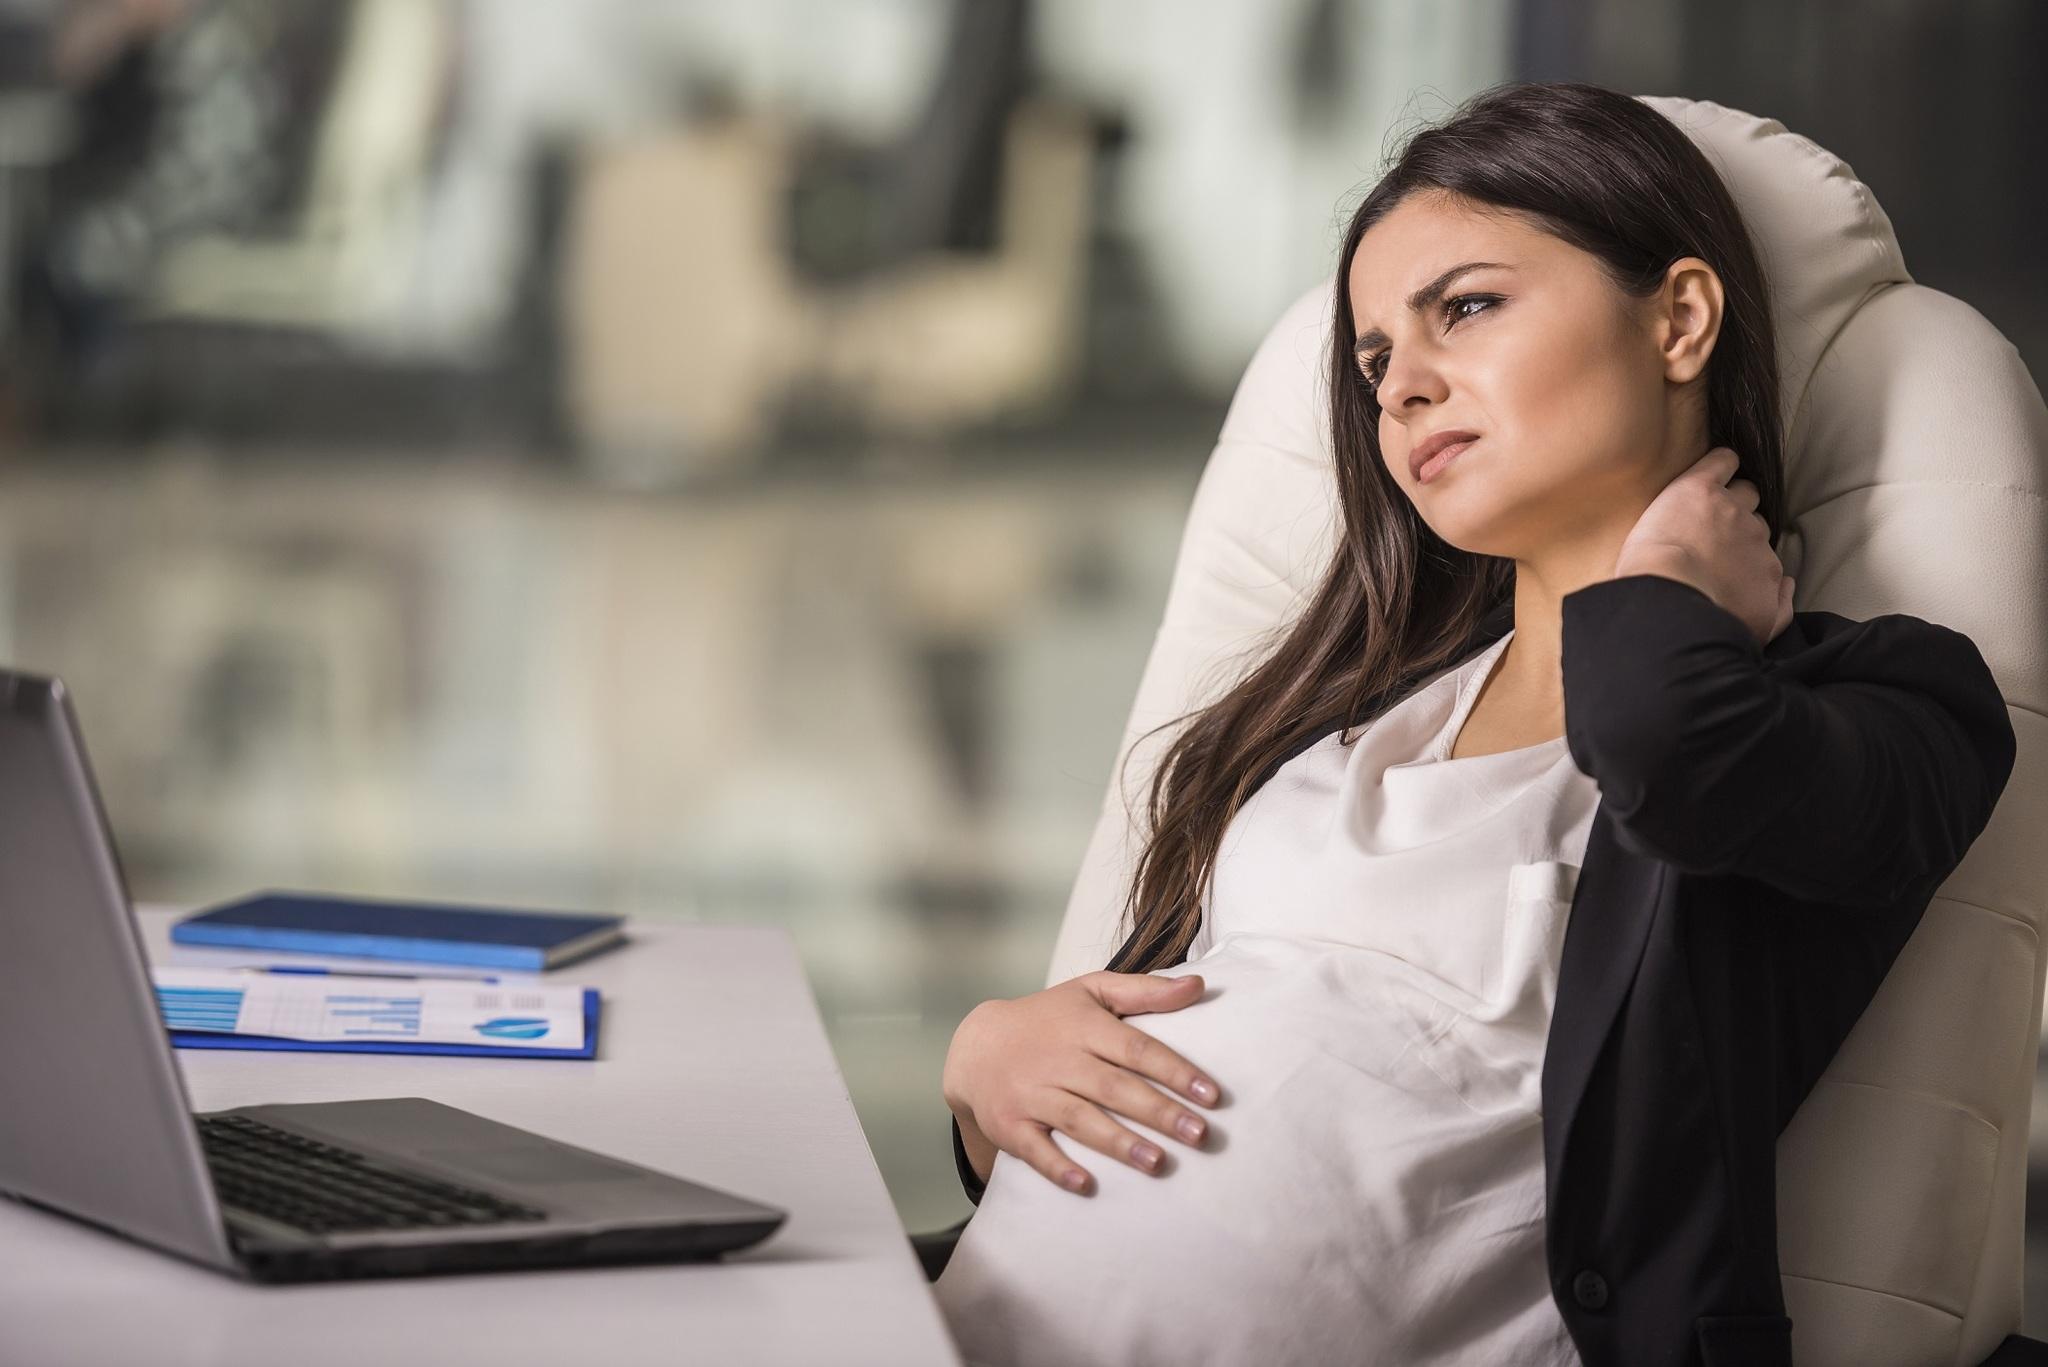 беременная девушка модель ищу работу